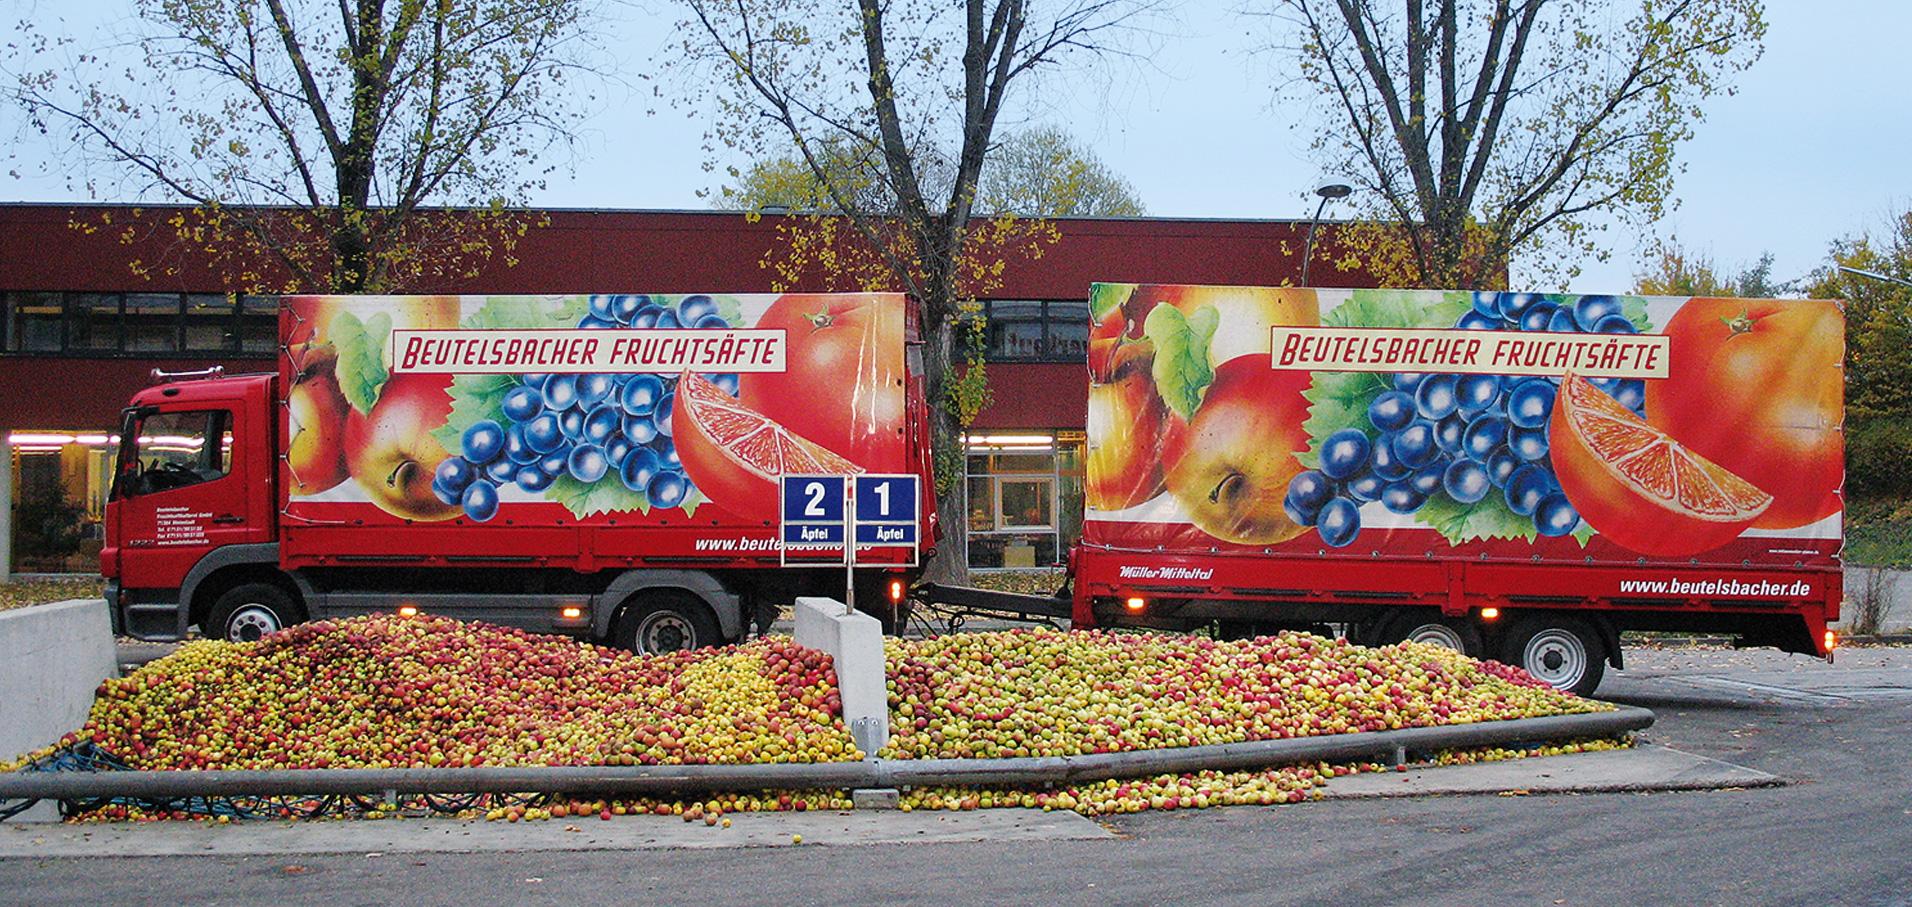 Beutelsbacher LKW steht vor dem Obstsilo